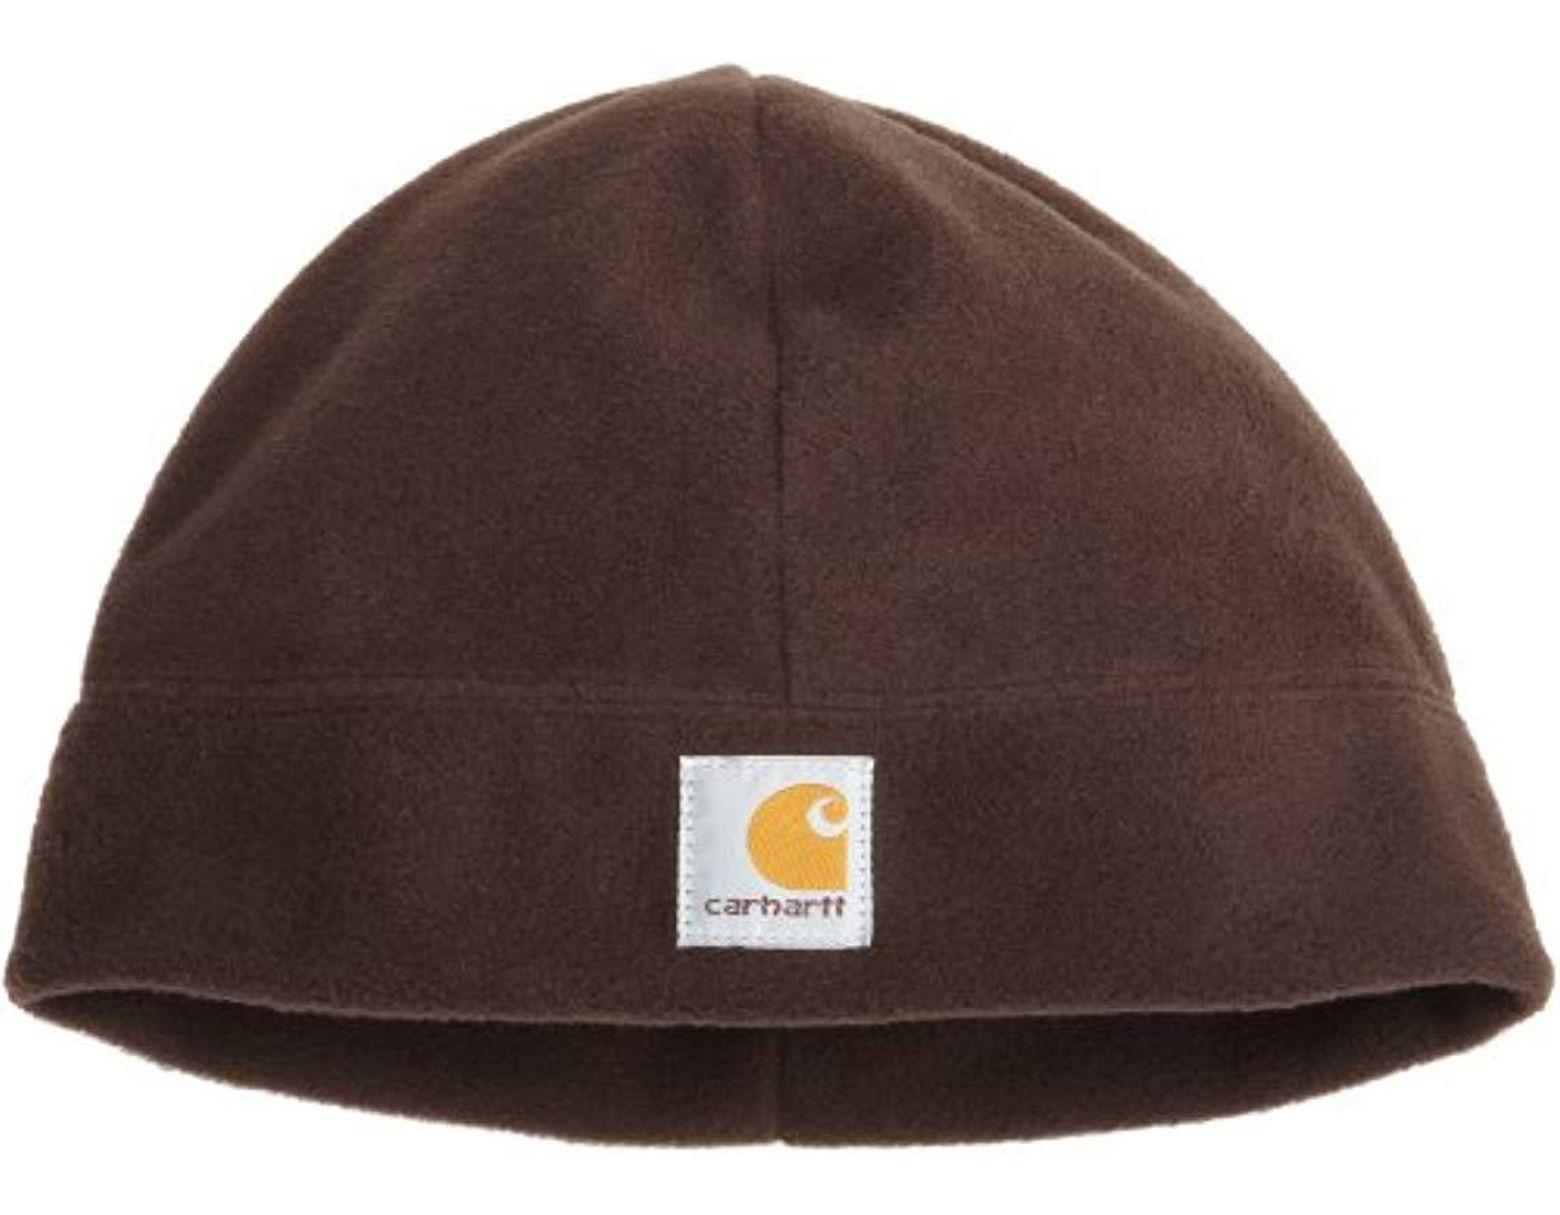 3f94924969cd7 Carhartt Fleece Hat in Brown for Men - Save 7% - Lyst